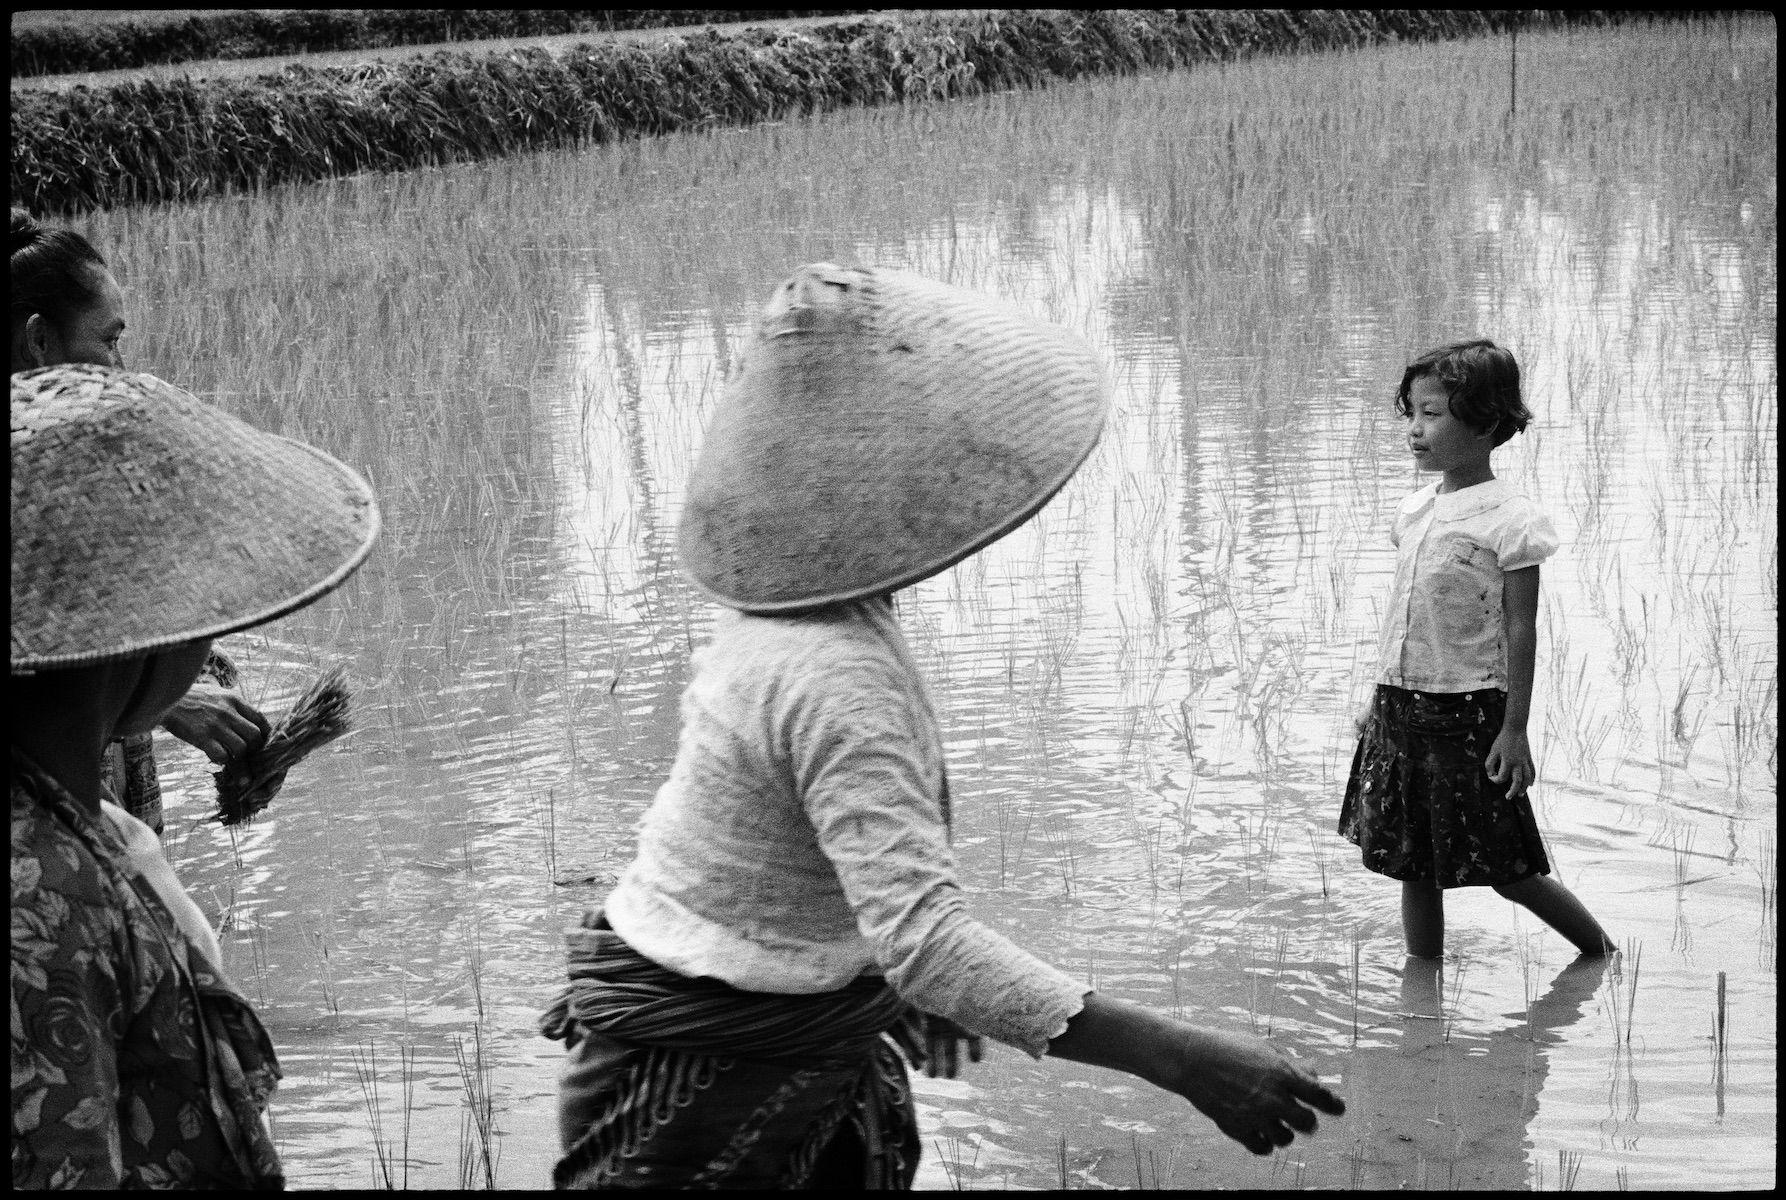 Untitled, Java, Indonesia 1995